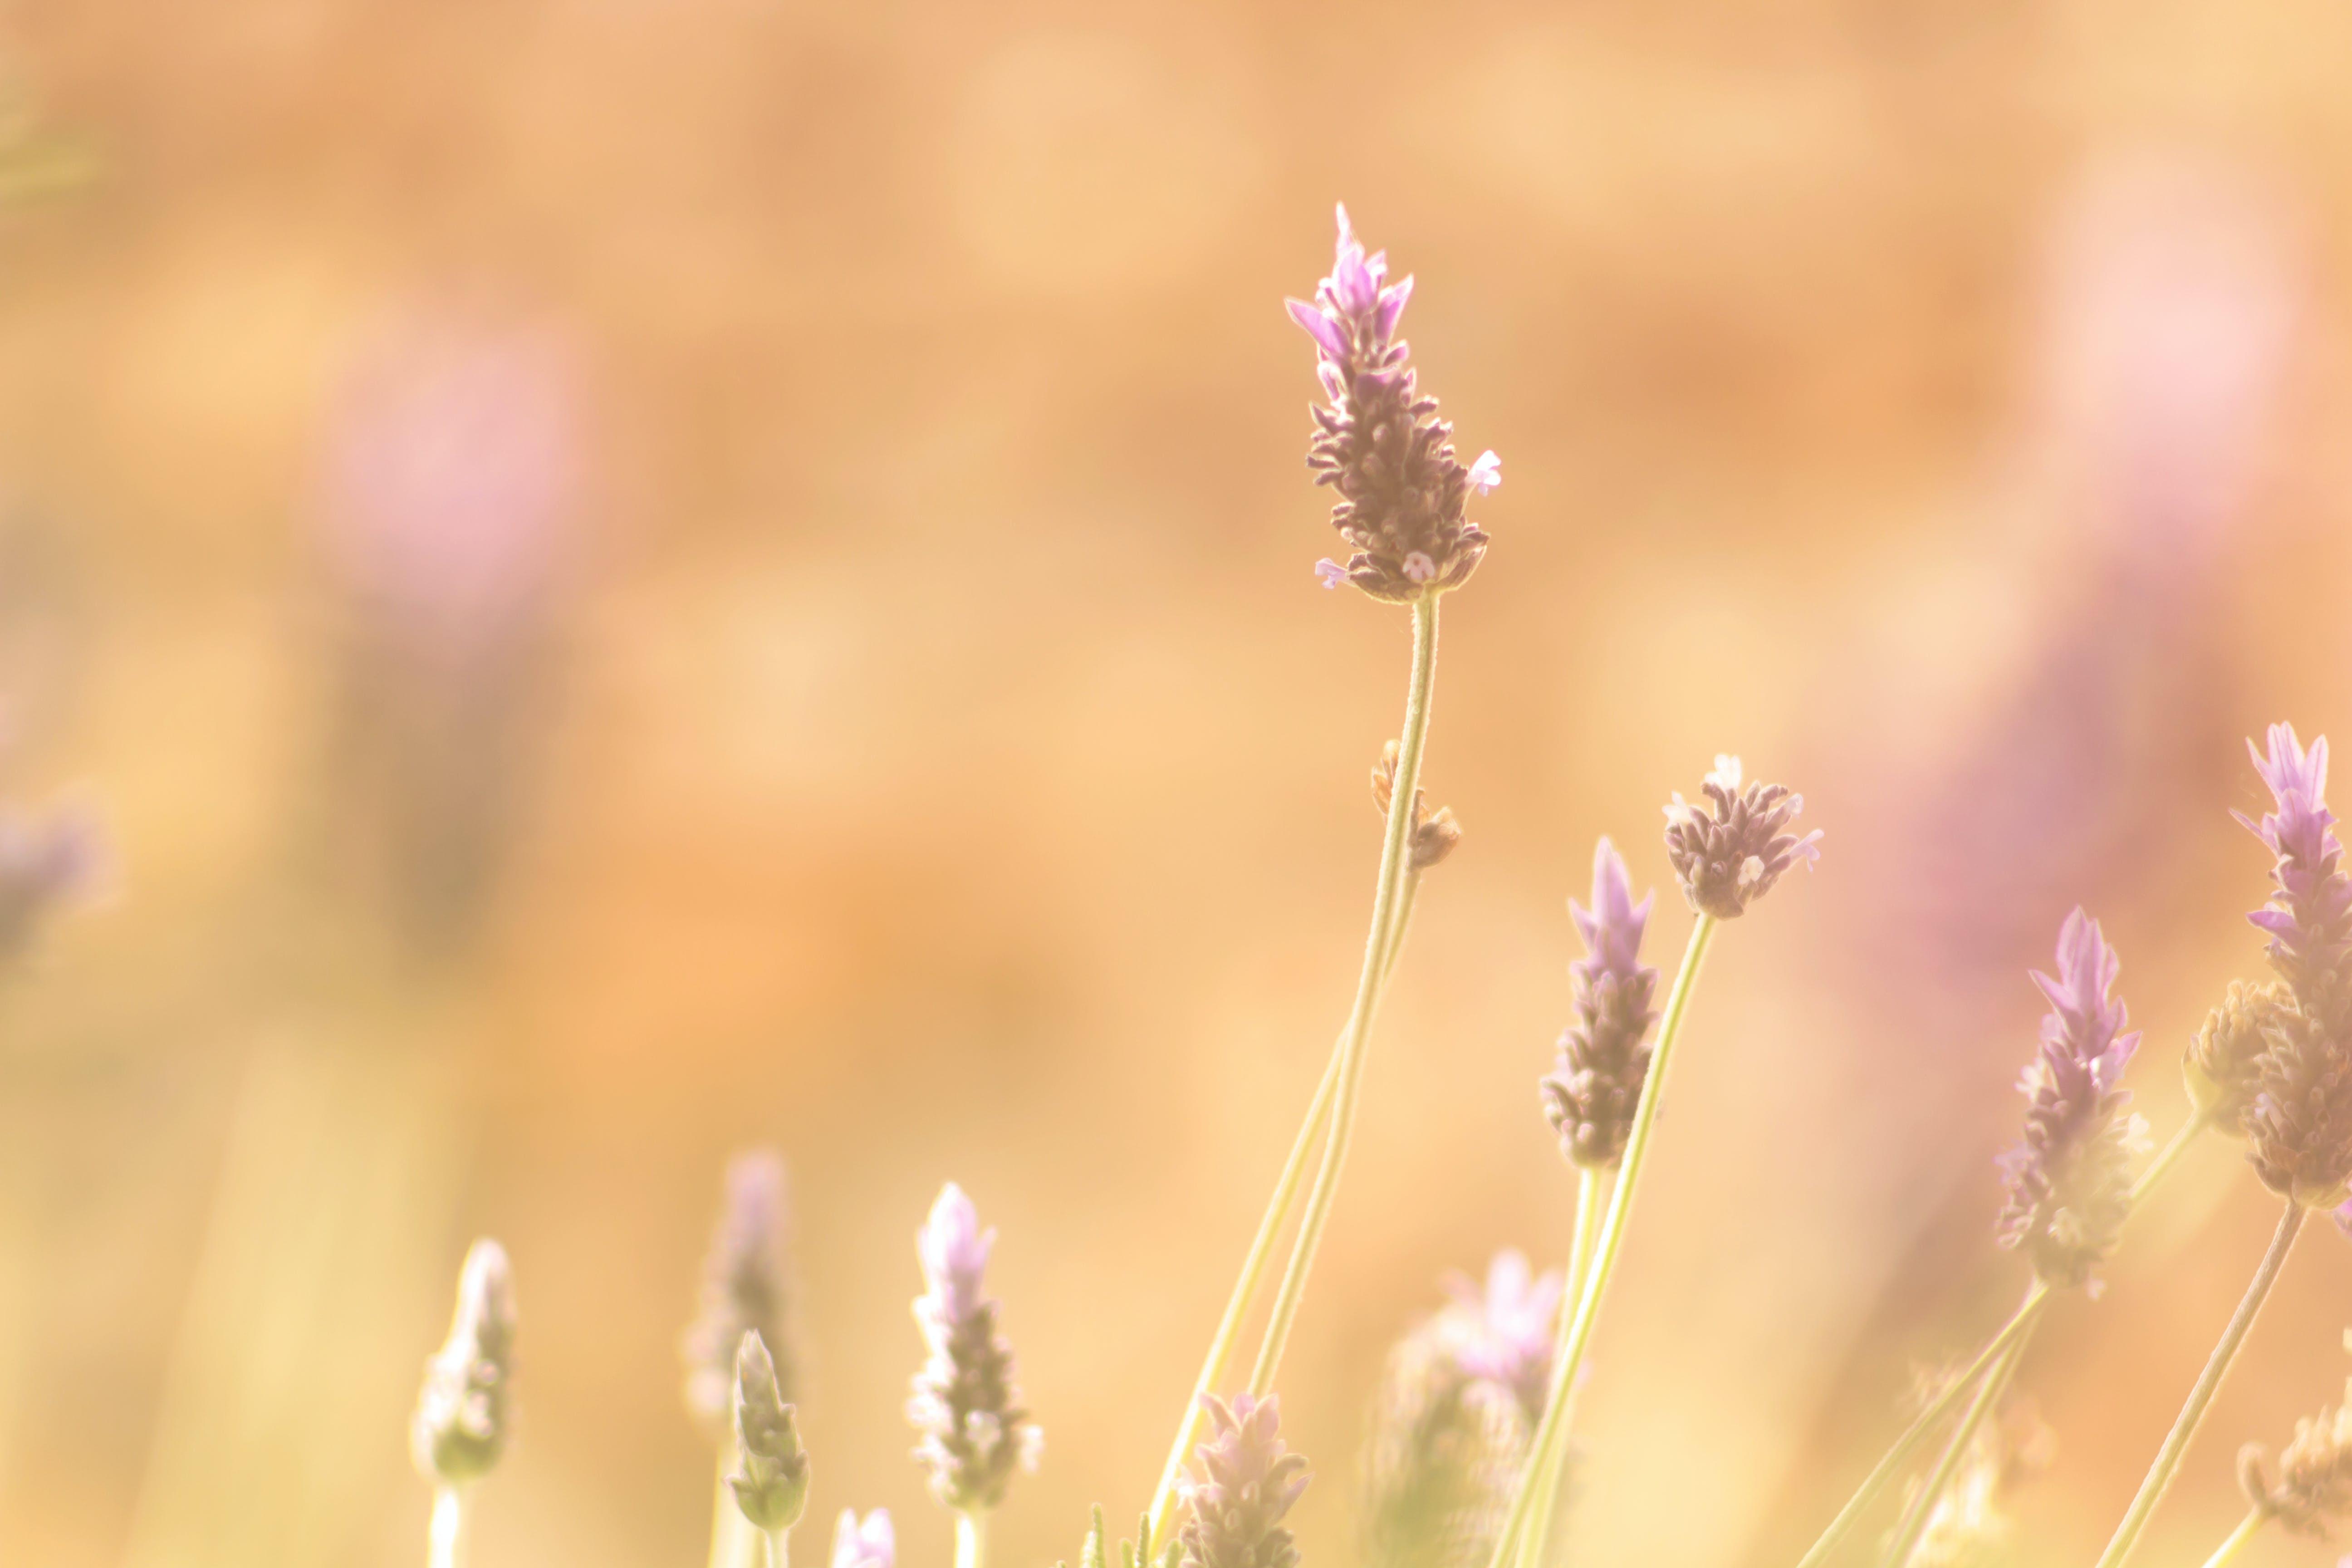 Gratis lagerfoto af bane, blomster, flora, HD-baggrund